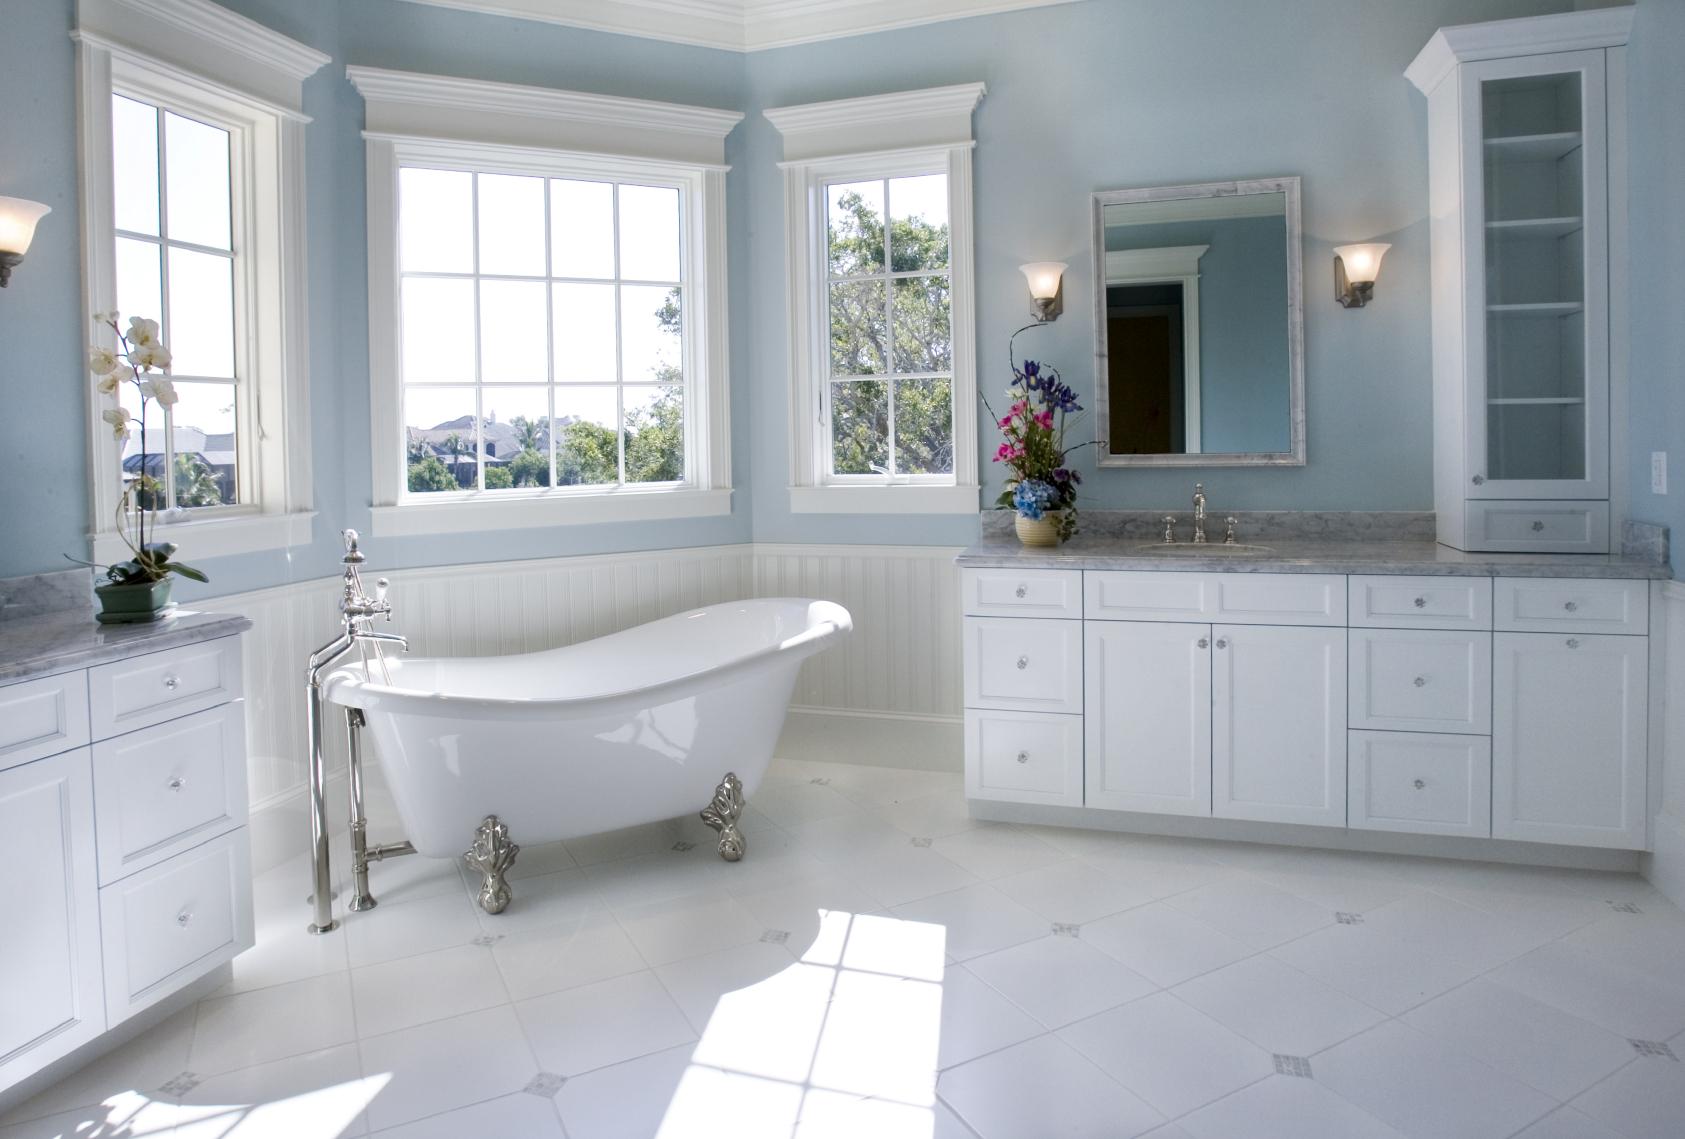 2015 Bathroom Trends | Handy Man